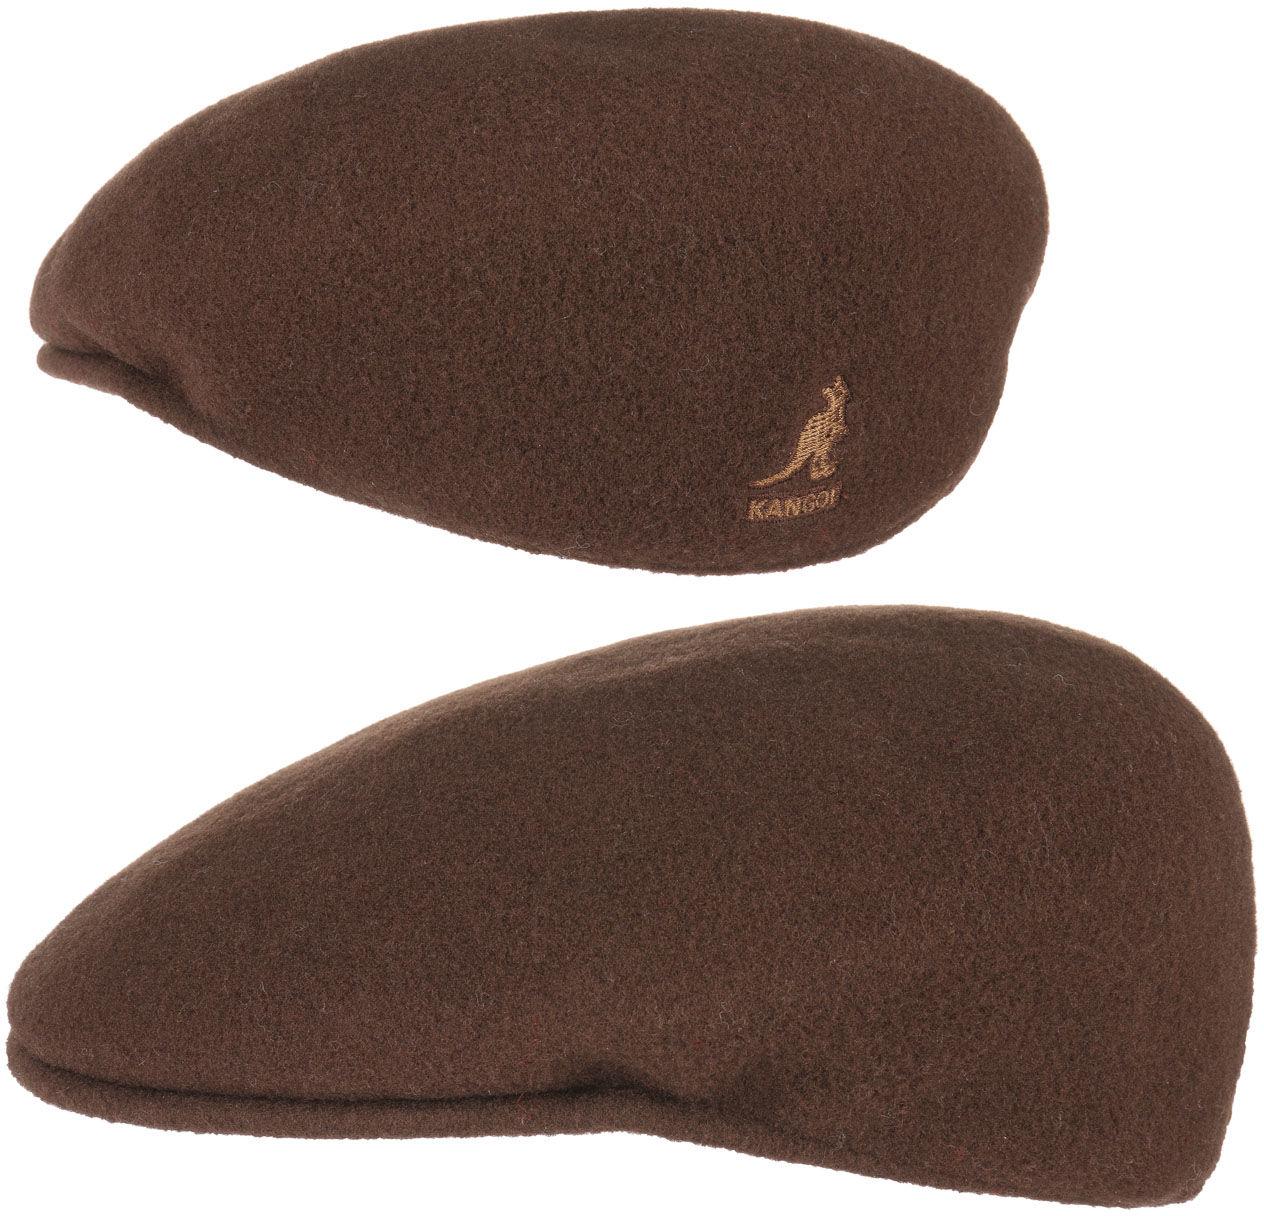 Płaski Kaszkiet 504 by Kangol, brązowy, L (58-59 cm)